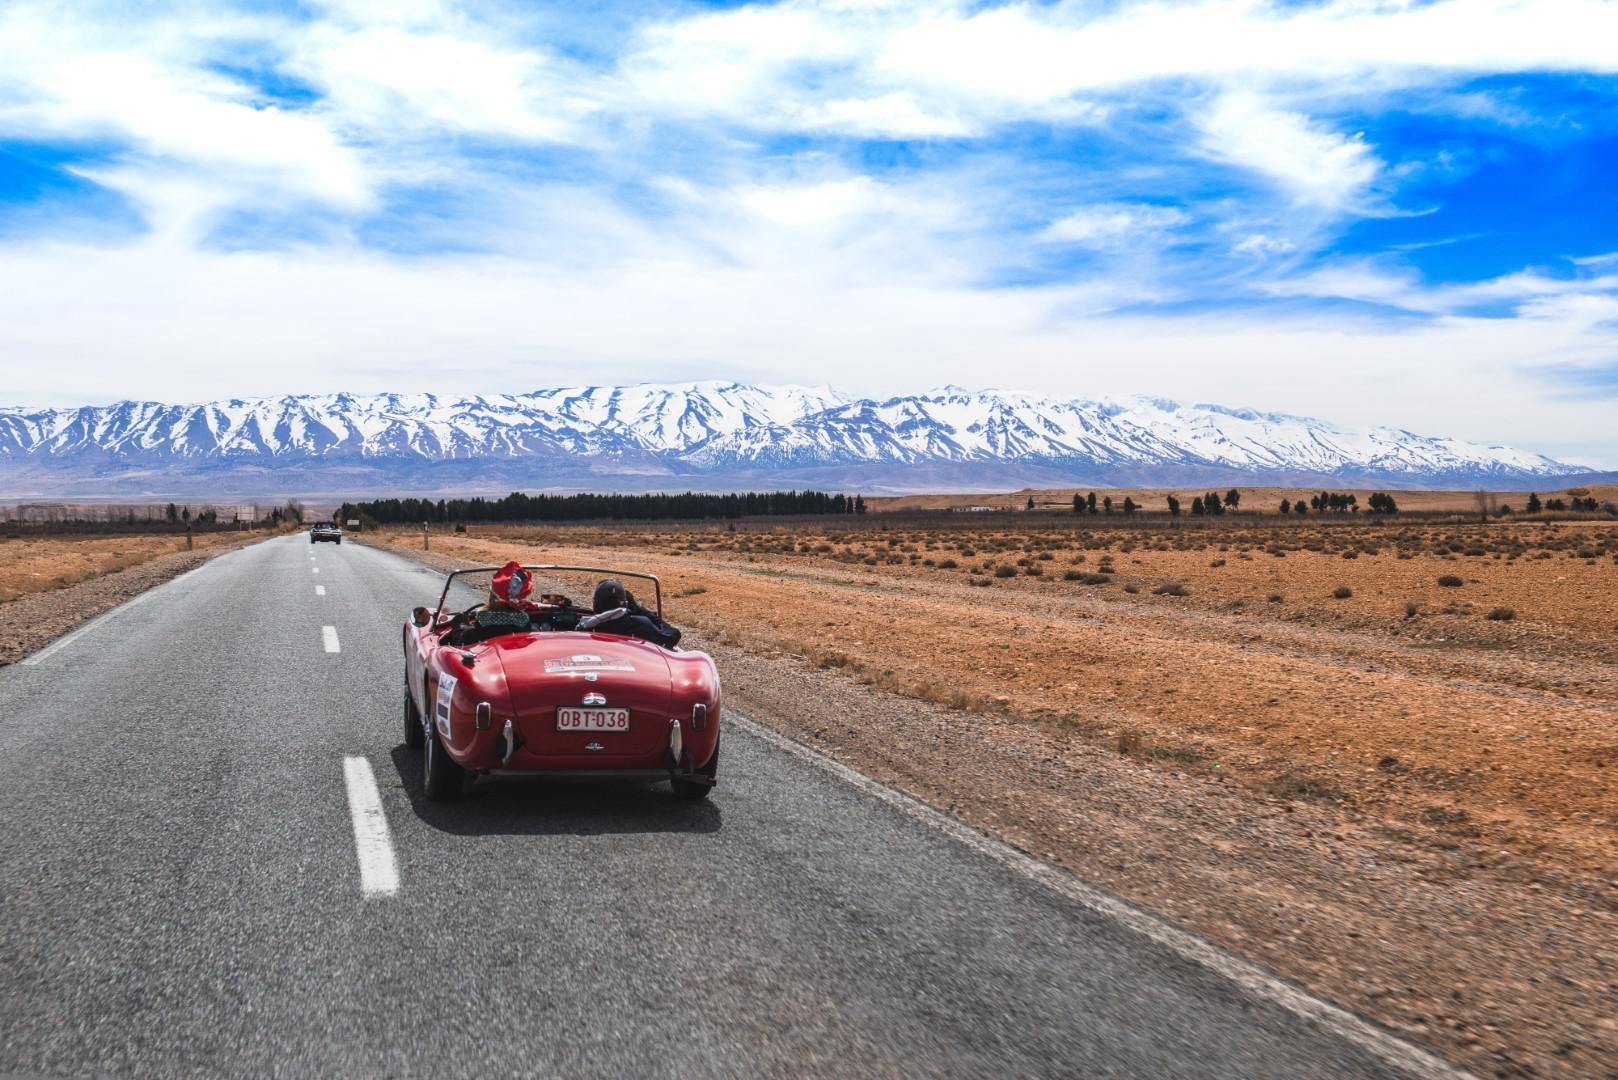 victoire-marocaine-pour-le-25eme-anniversaire-du-rallye-maroc-classic-680-14.jpg